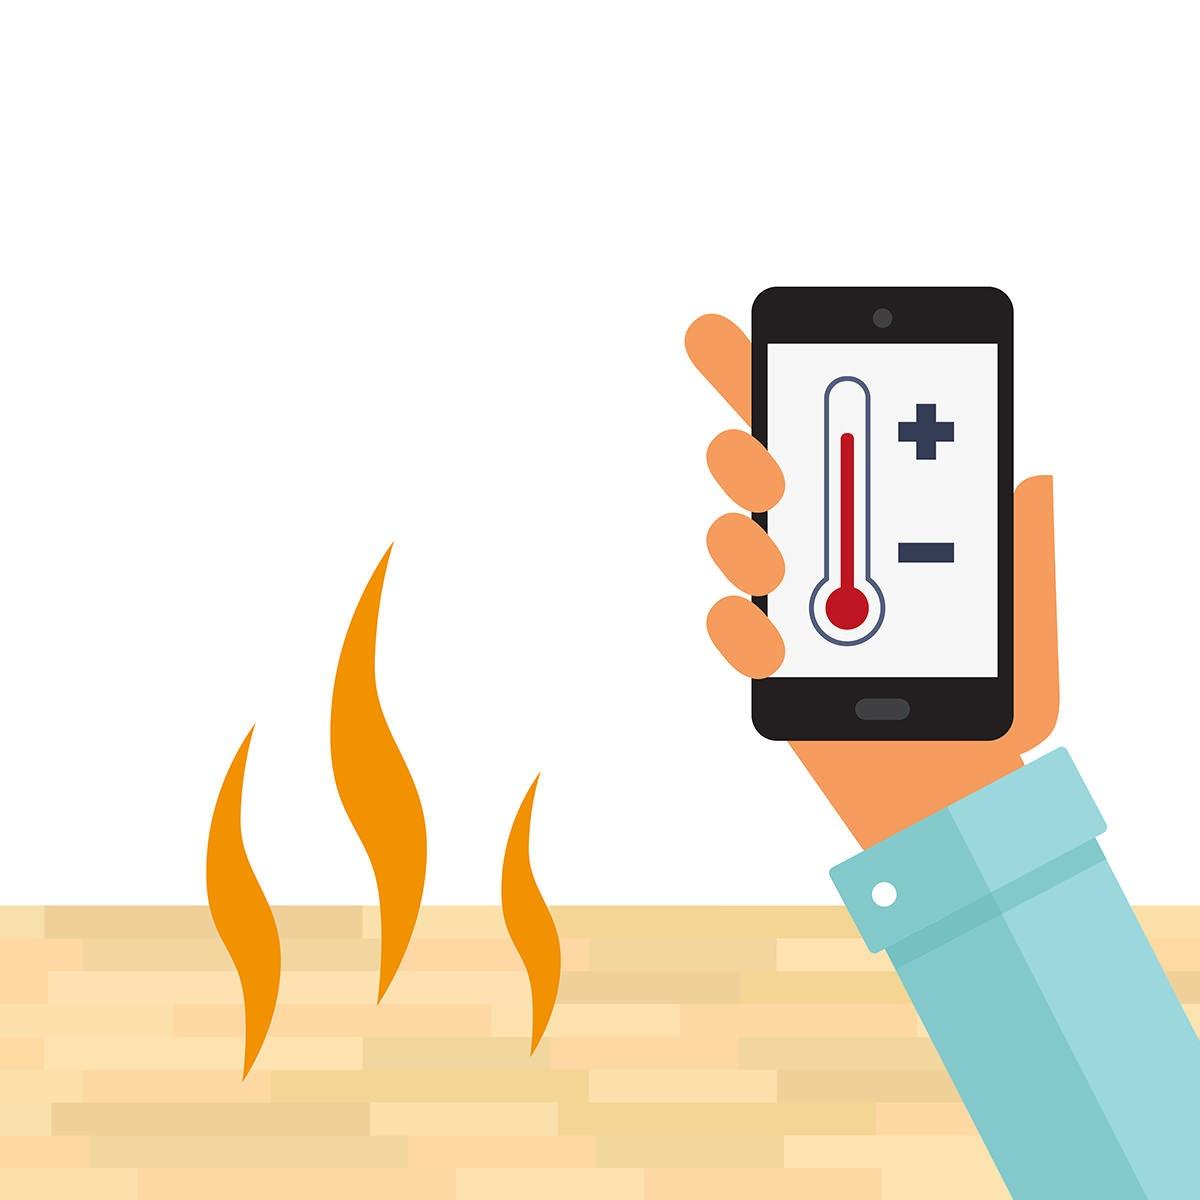 skru gulvvarmen opp eller ned med telefon eller nettbrett i en future living bolig